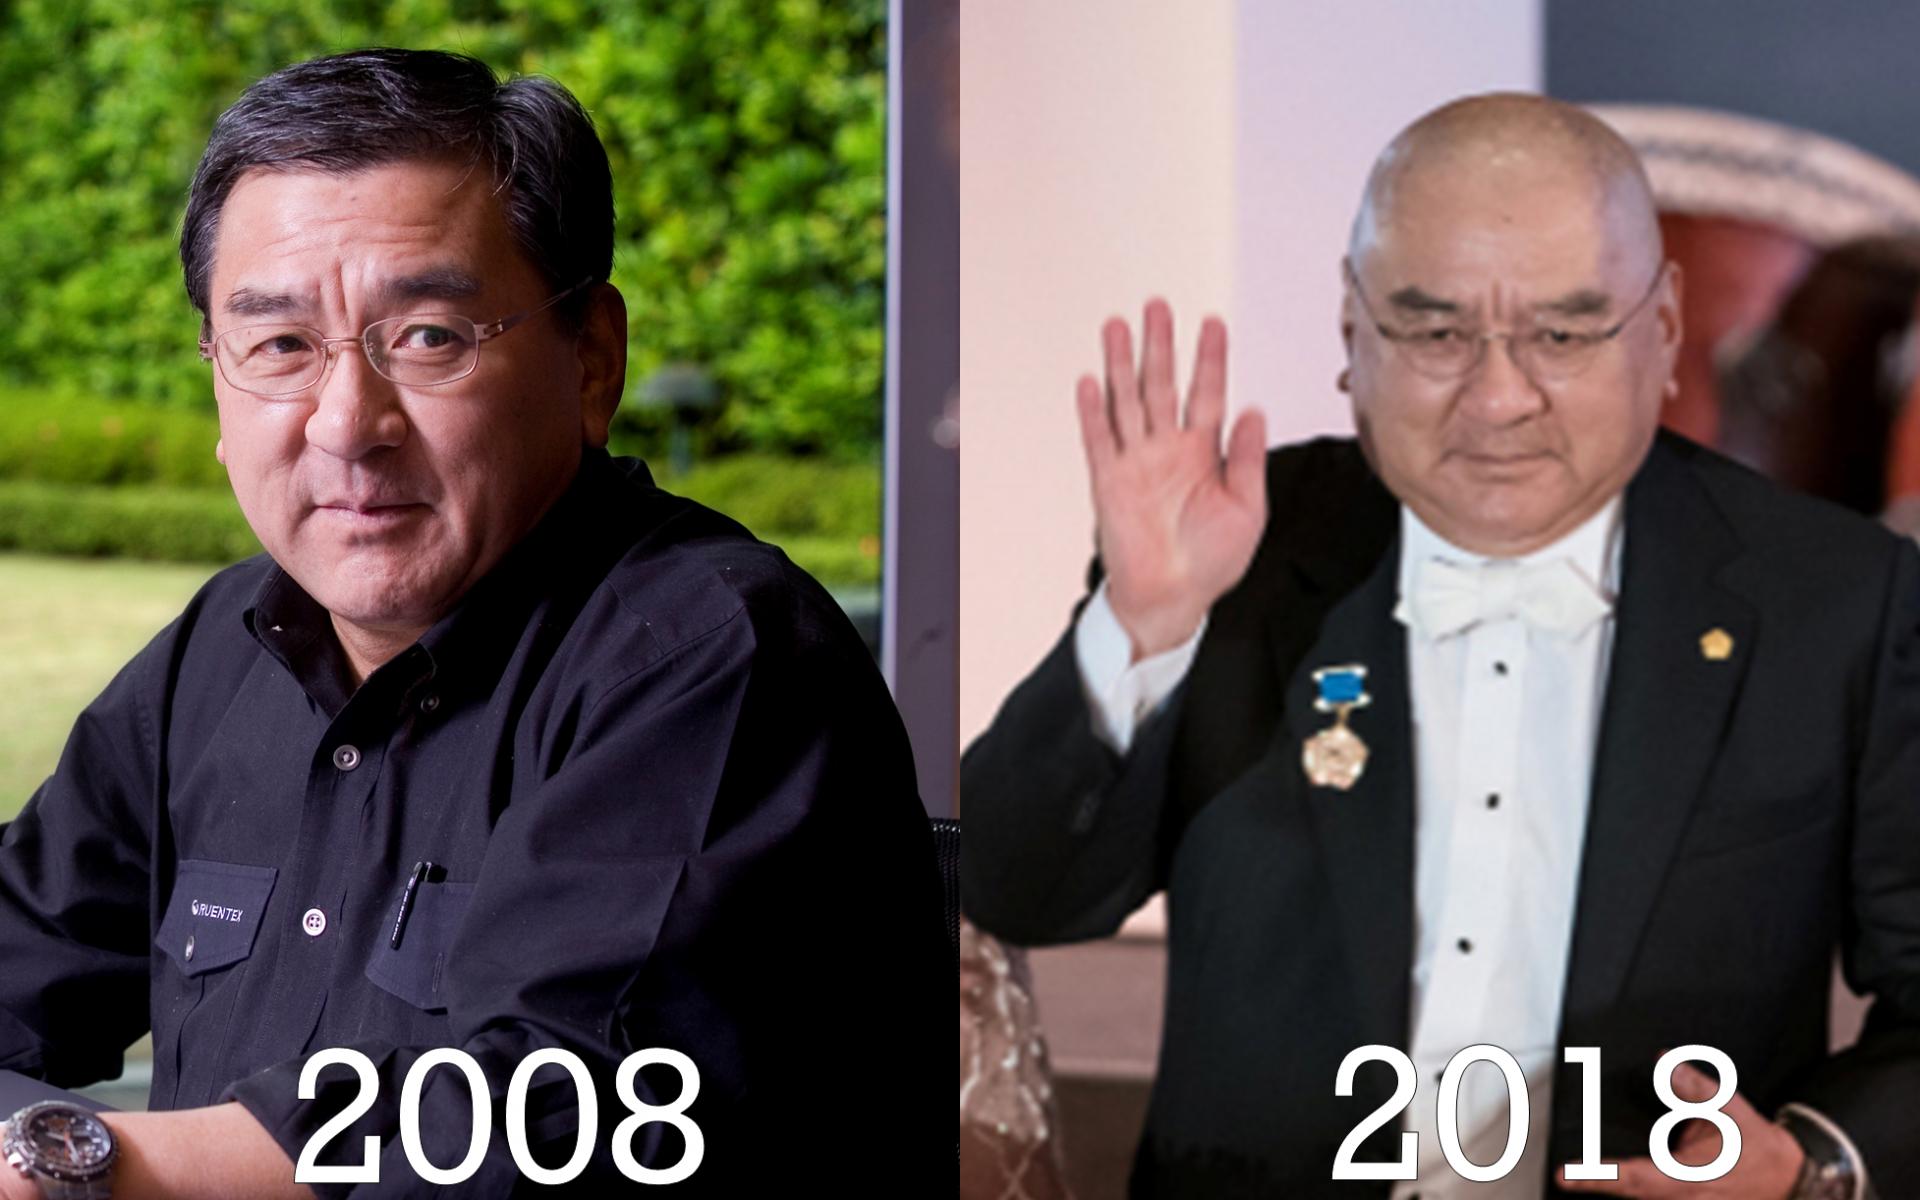 潤泰集團總裁尹衍樑10年前還留有頭髮,10年過後,留著大光頭更增添些許味道,成為明顯的特徵。